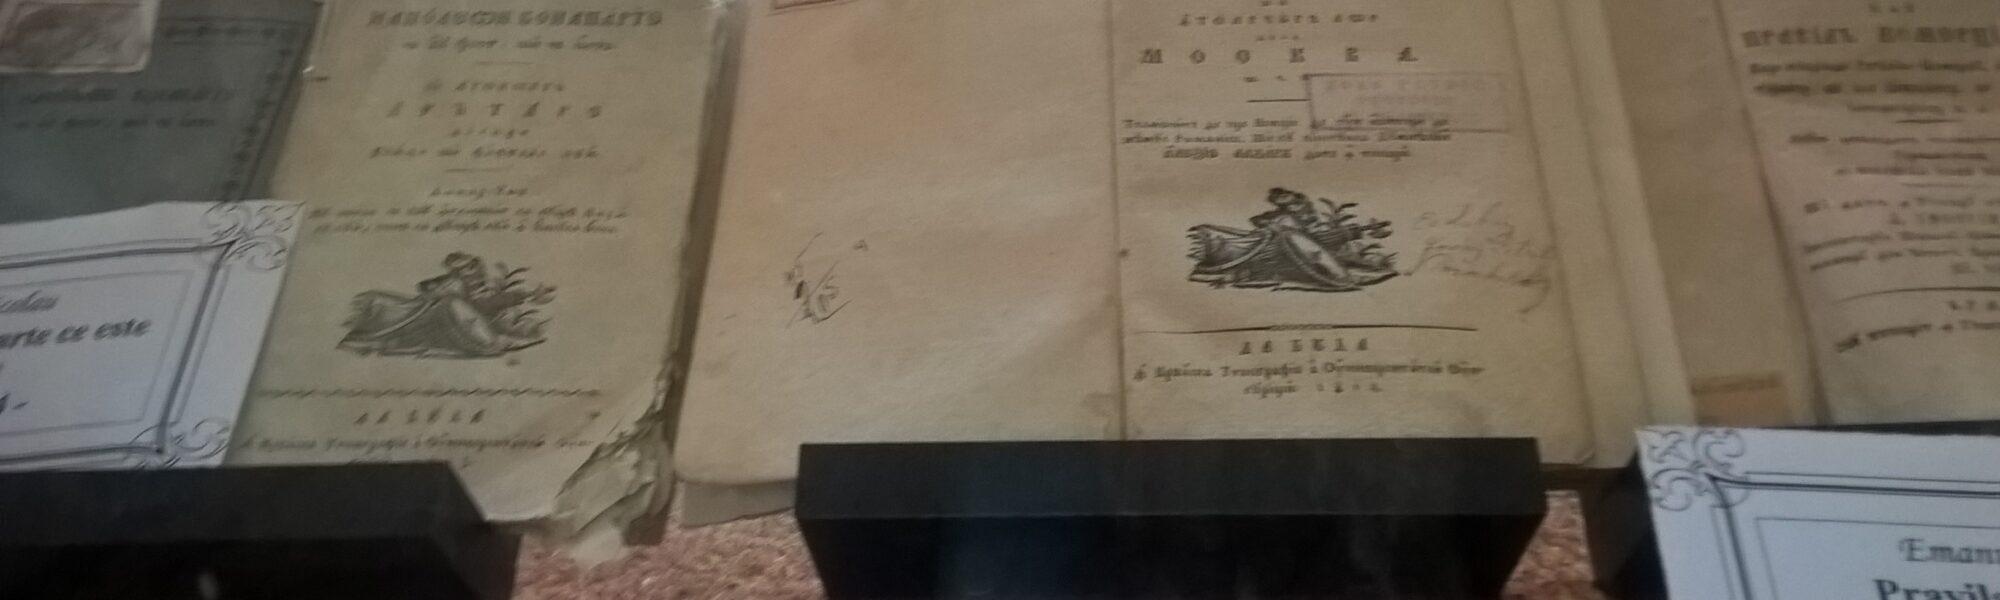 Comorile mai puțin știute ale Brașovului – II – Românul Nicola Nicolau a scris primele cărți despre Napoleon